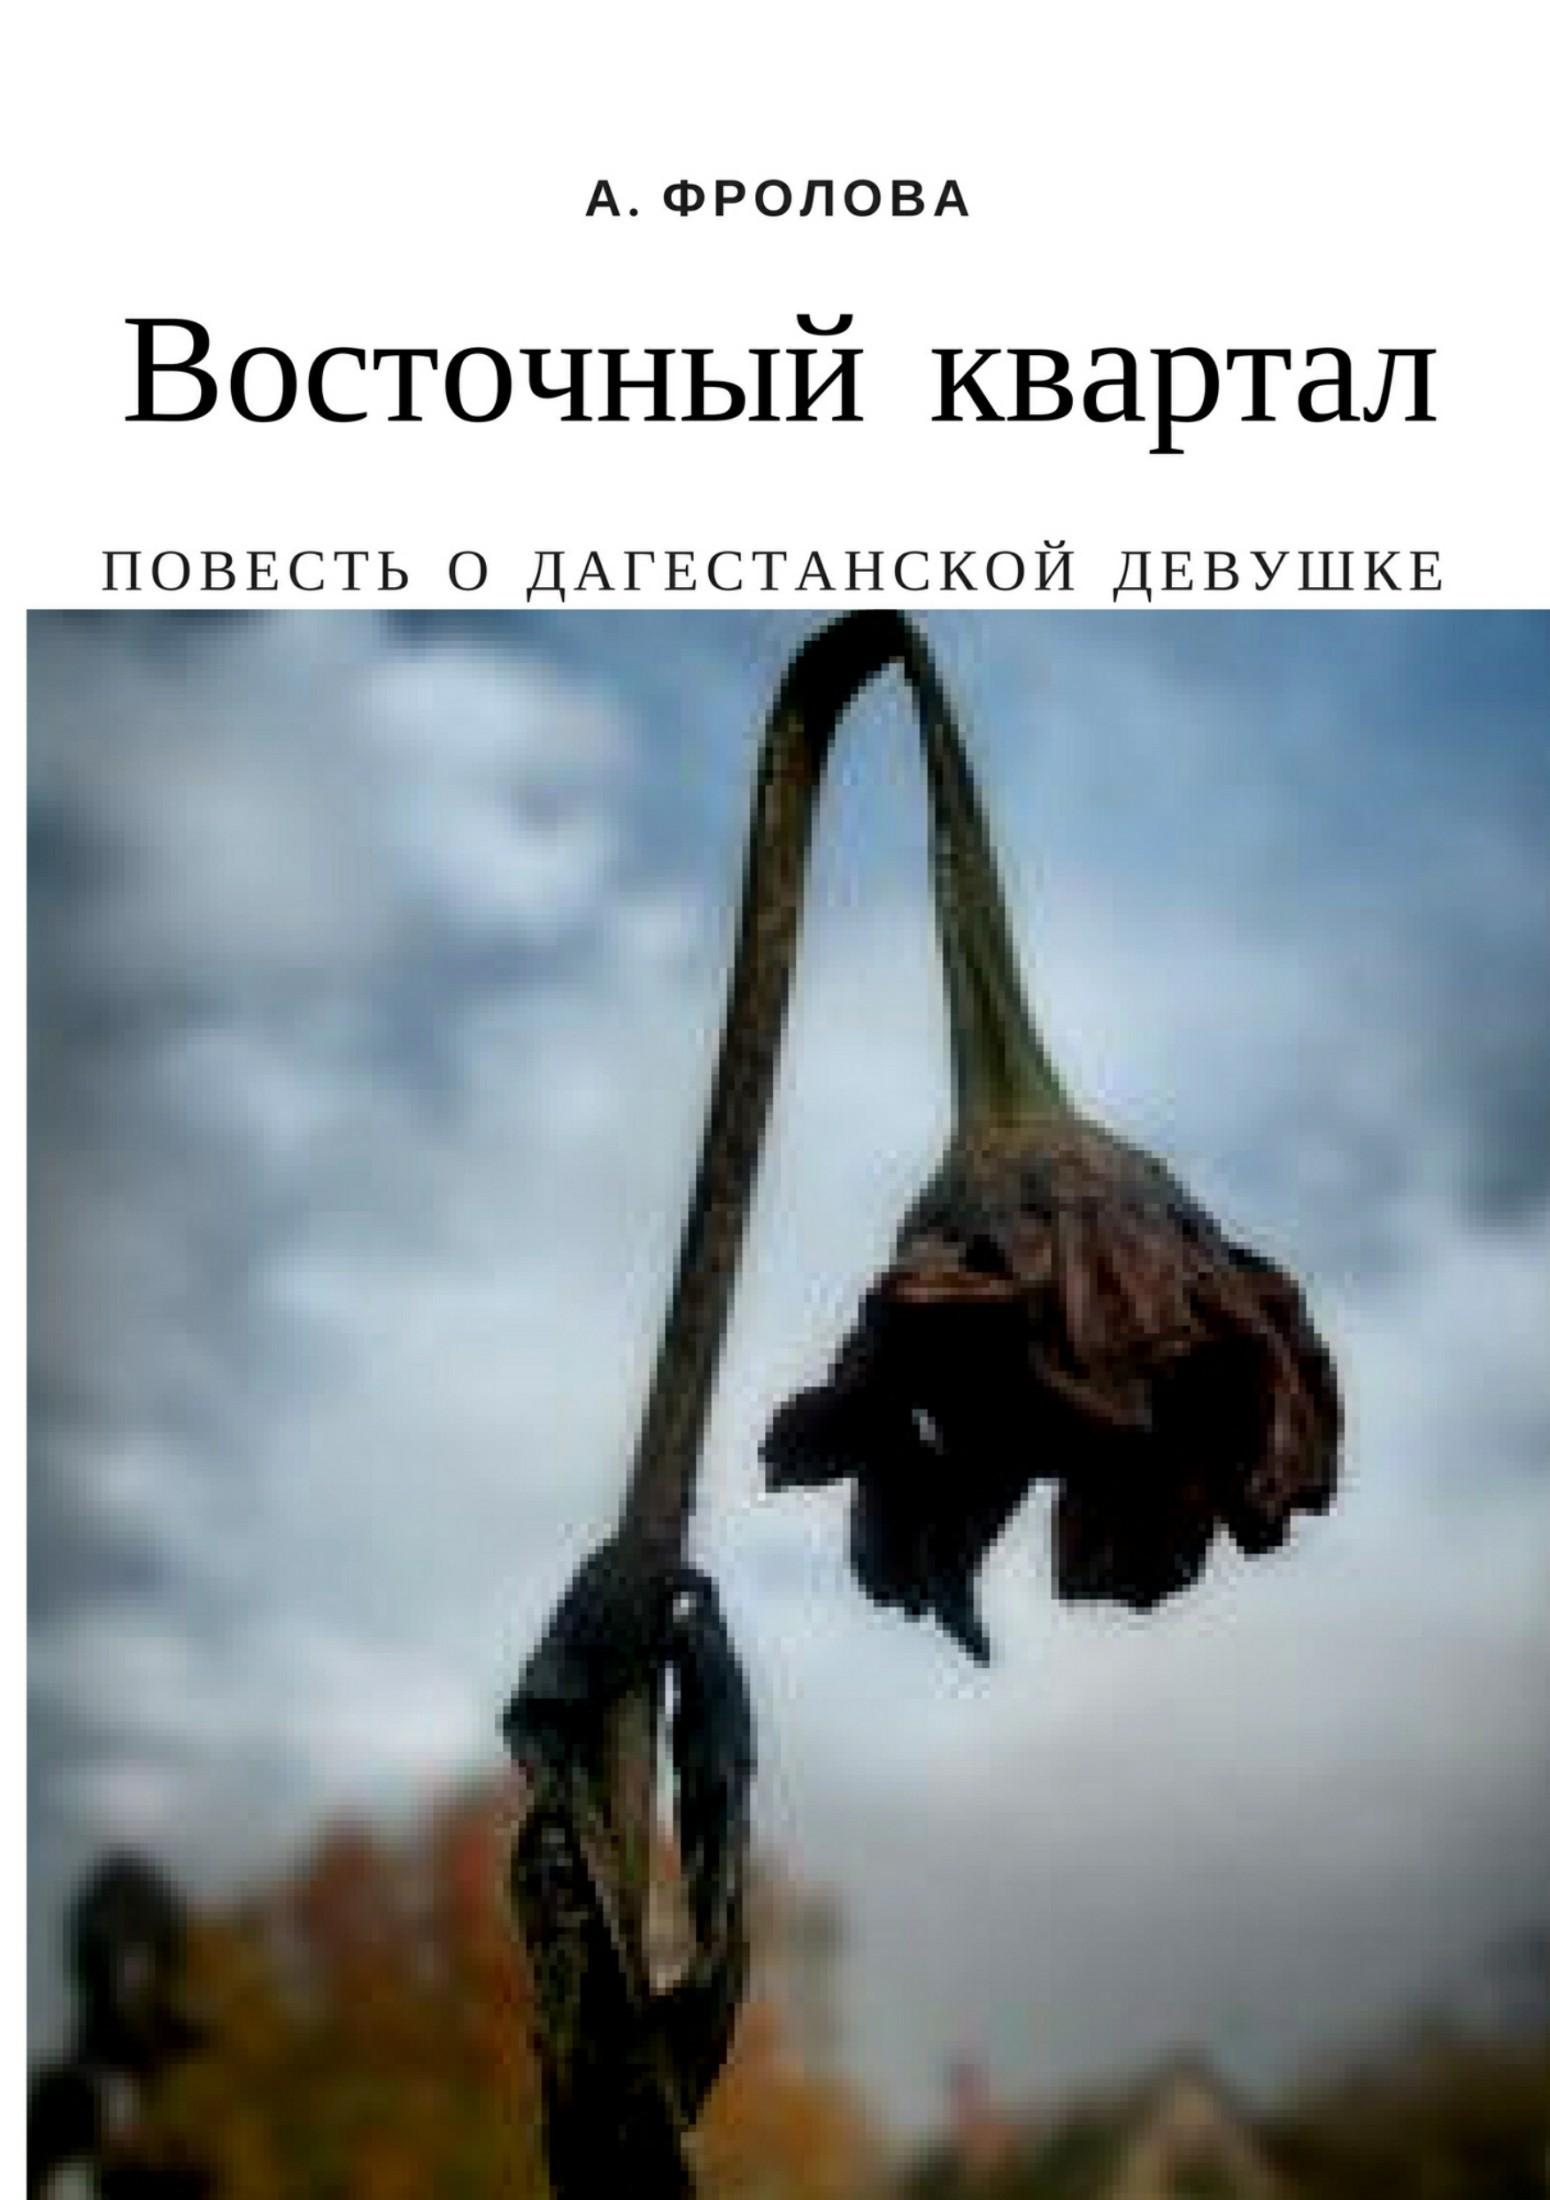 Александра Александровна Фролова Восточный квартал. Повесть о дагестанской девушке авиабилеты в махачкалу